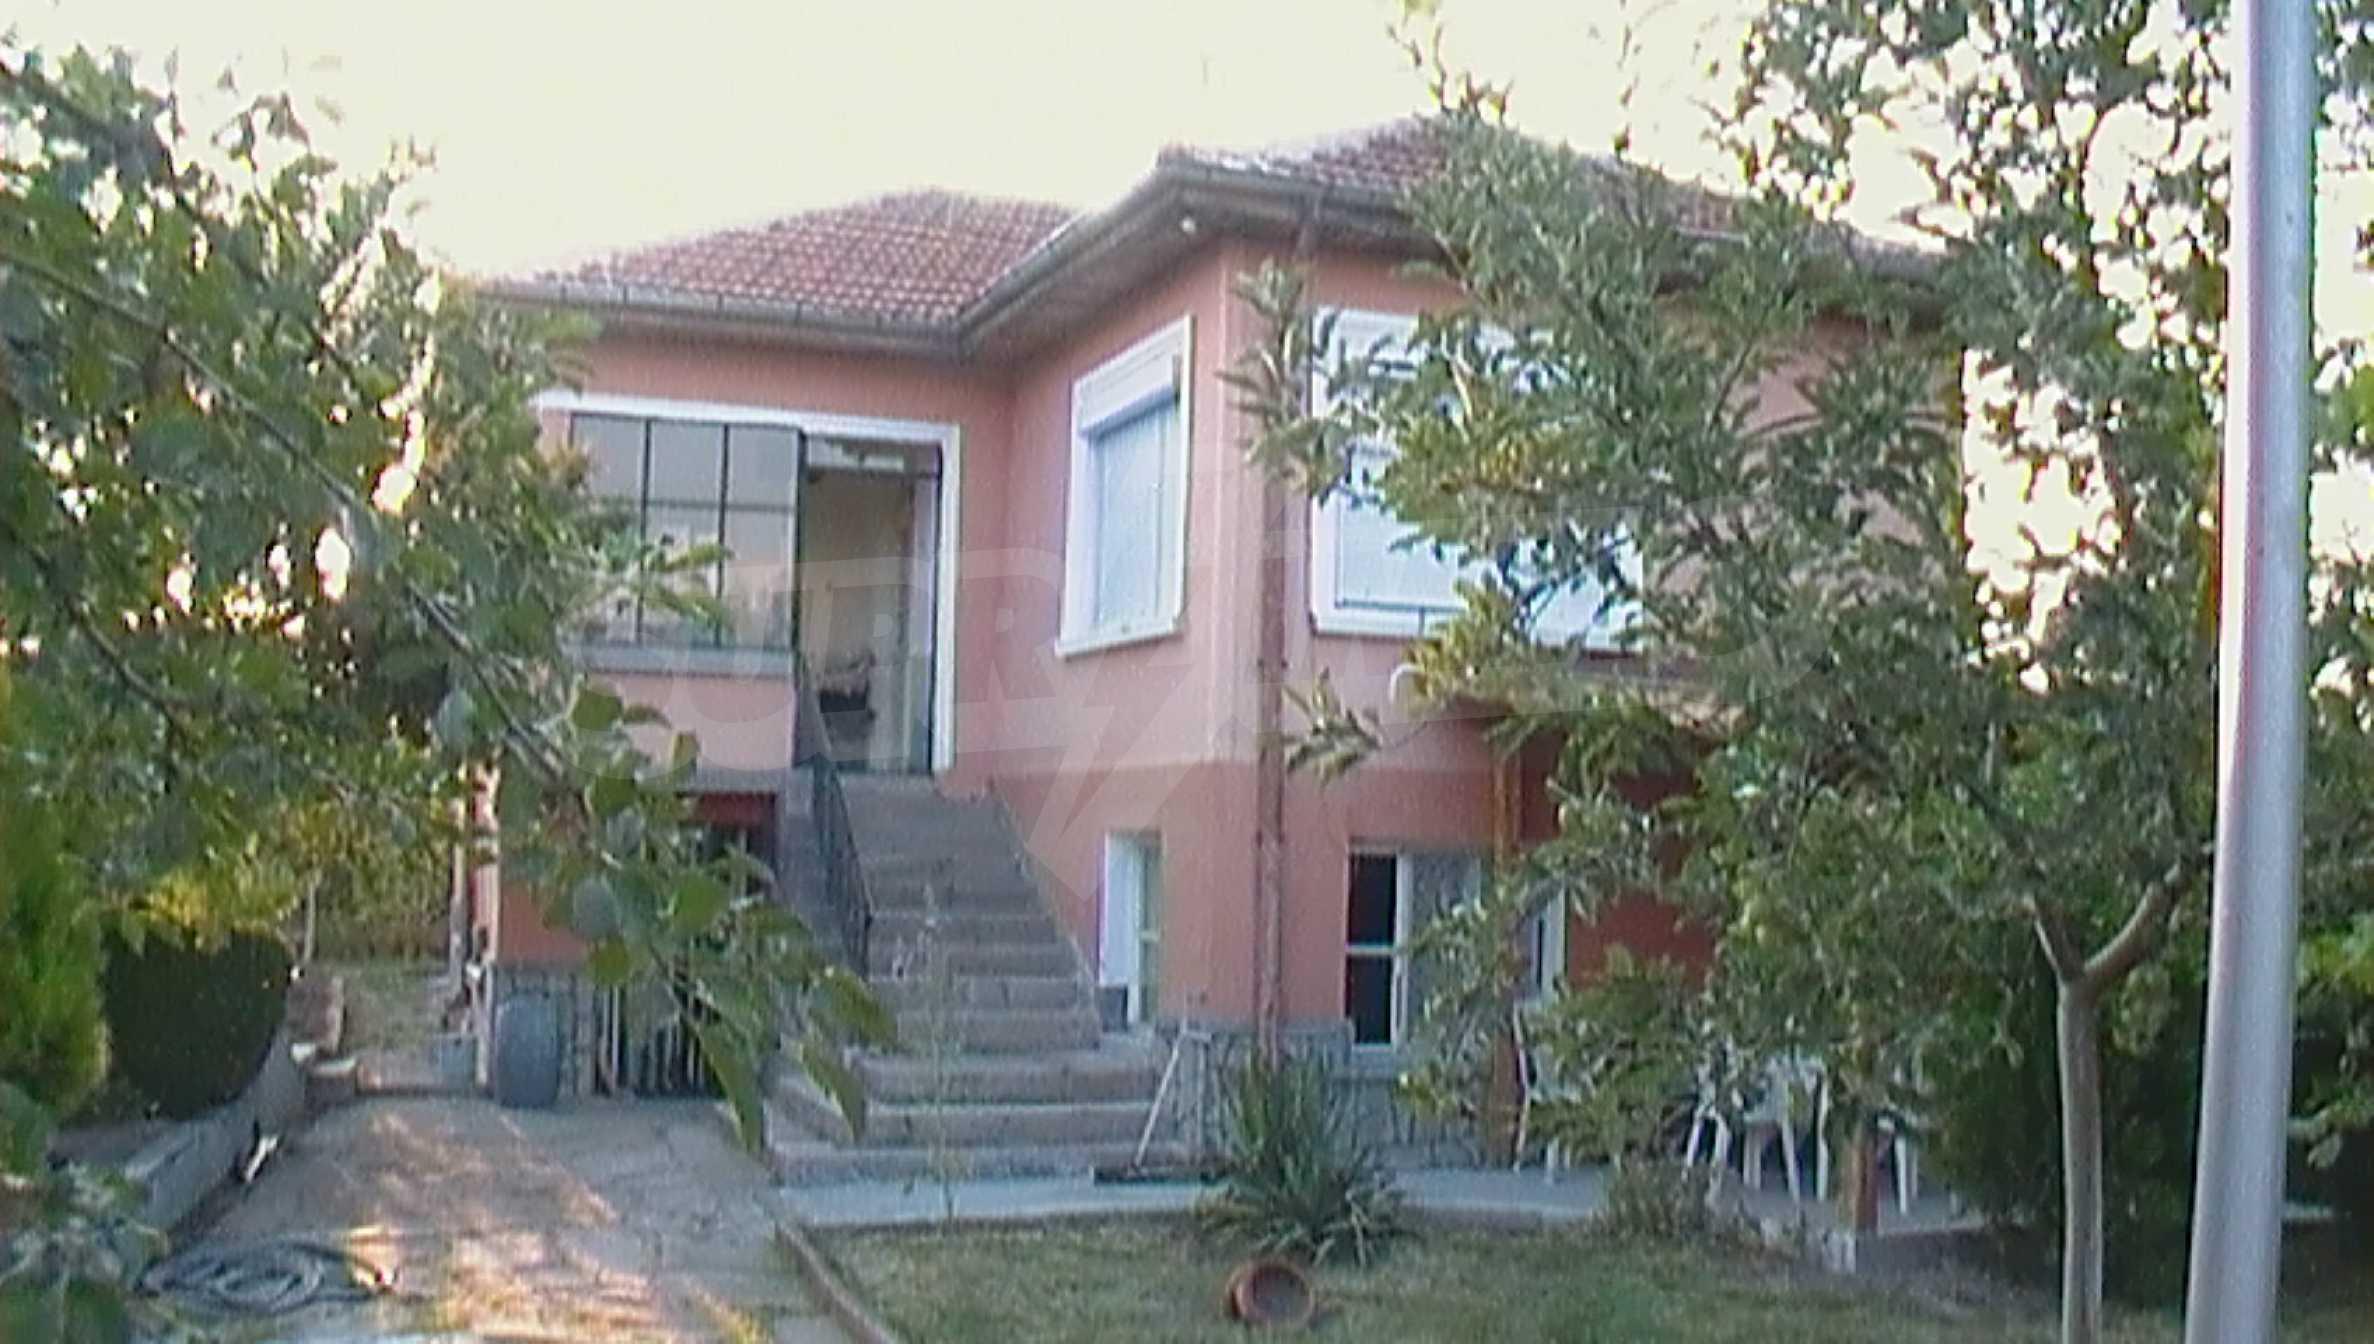 Ein solides zweistöckiges Haus in einem ruhigen Dorf in der Nähe von Kurort und Haskovo